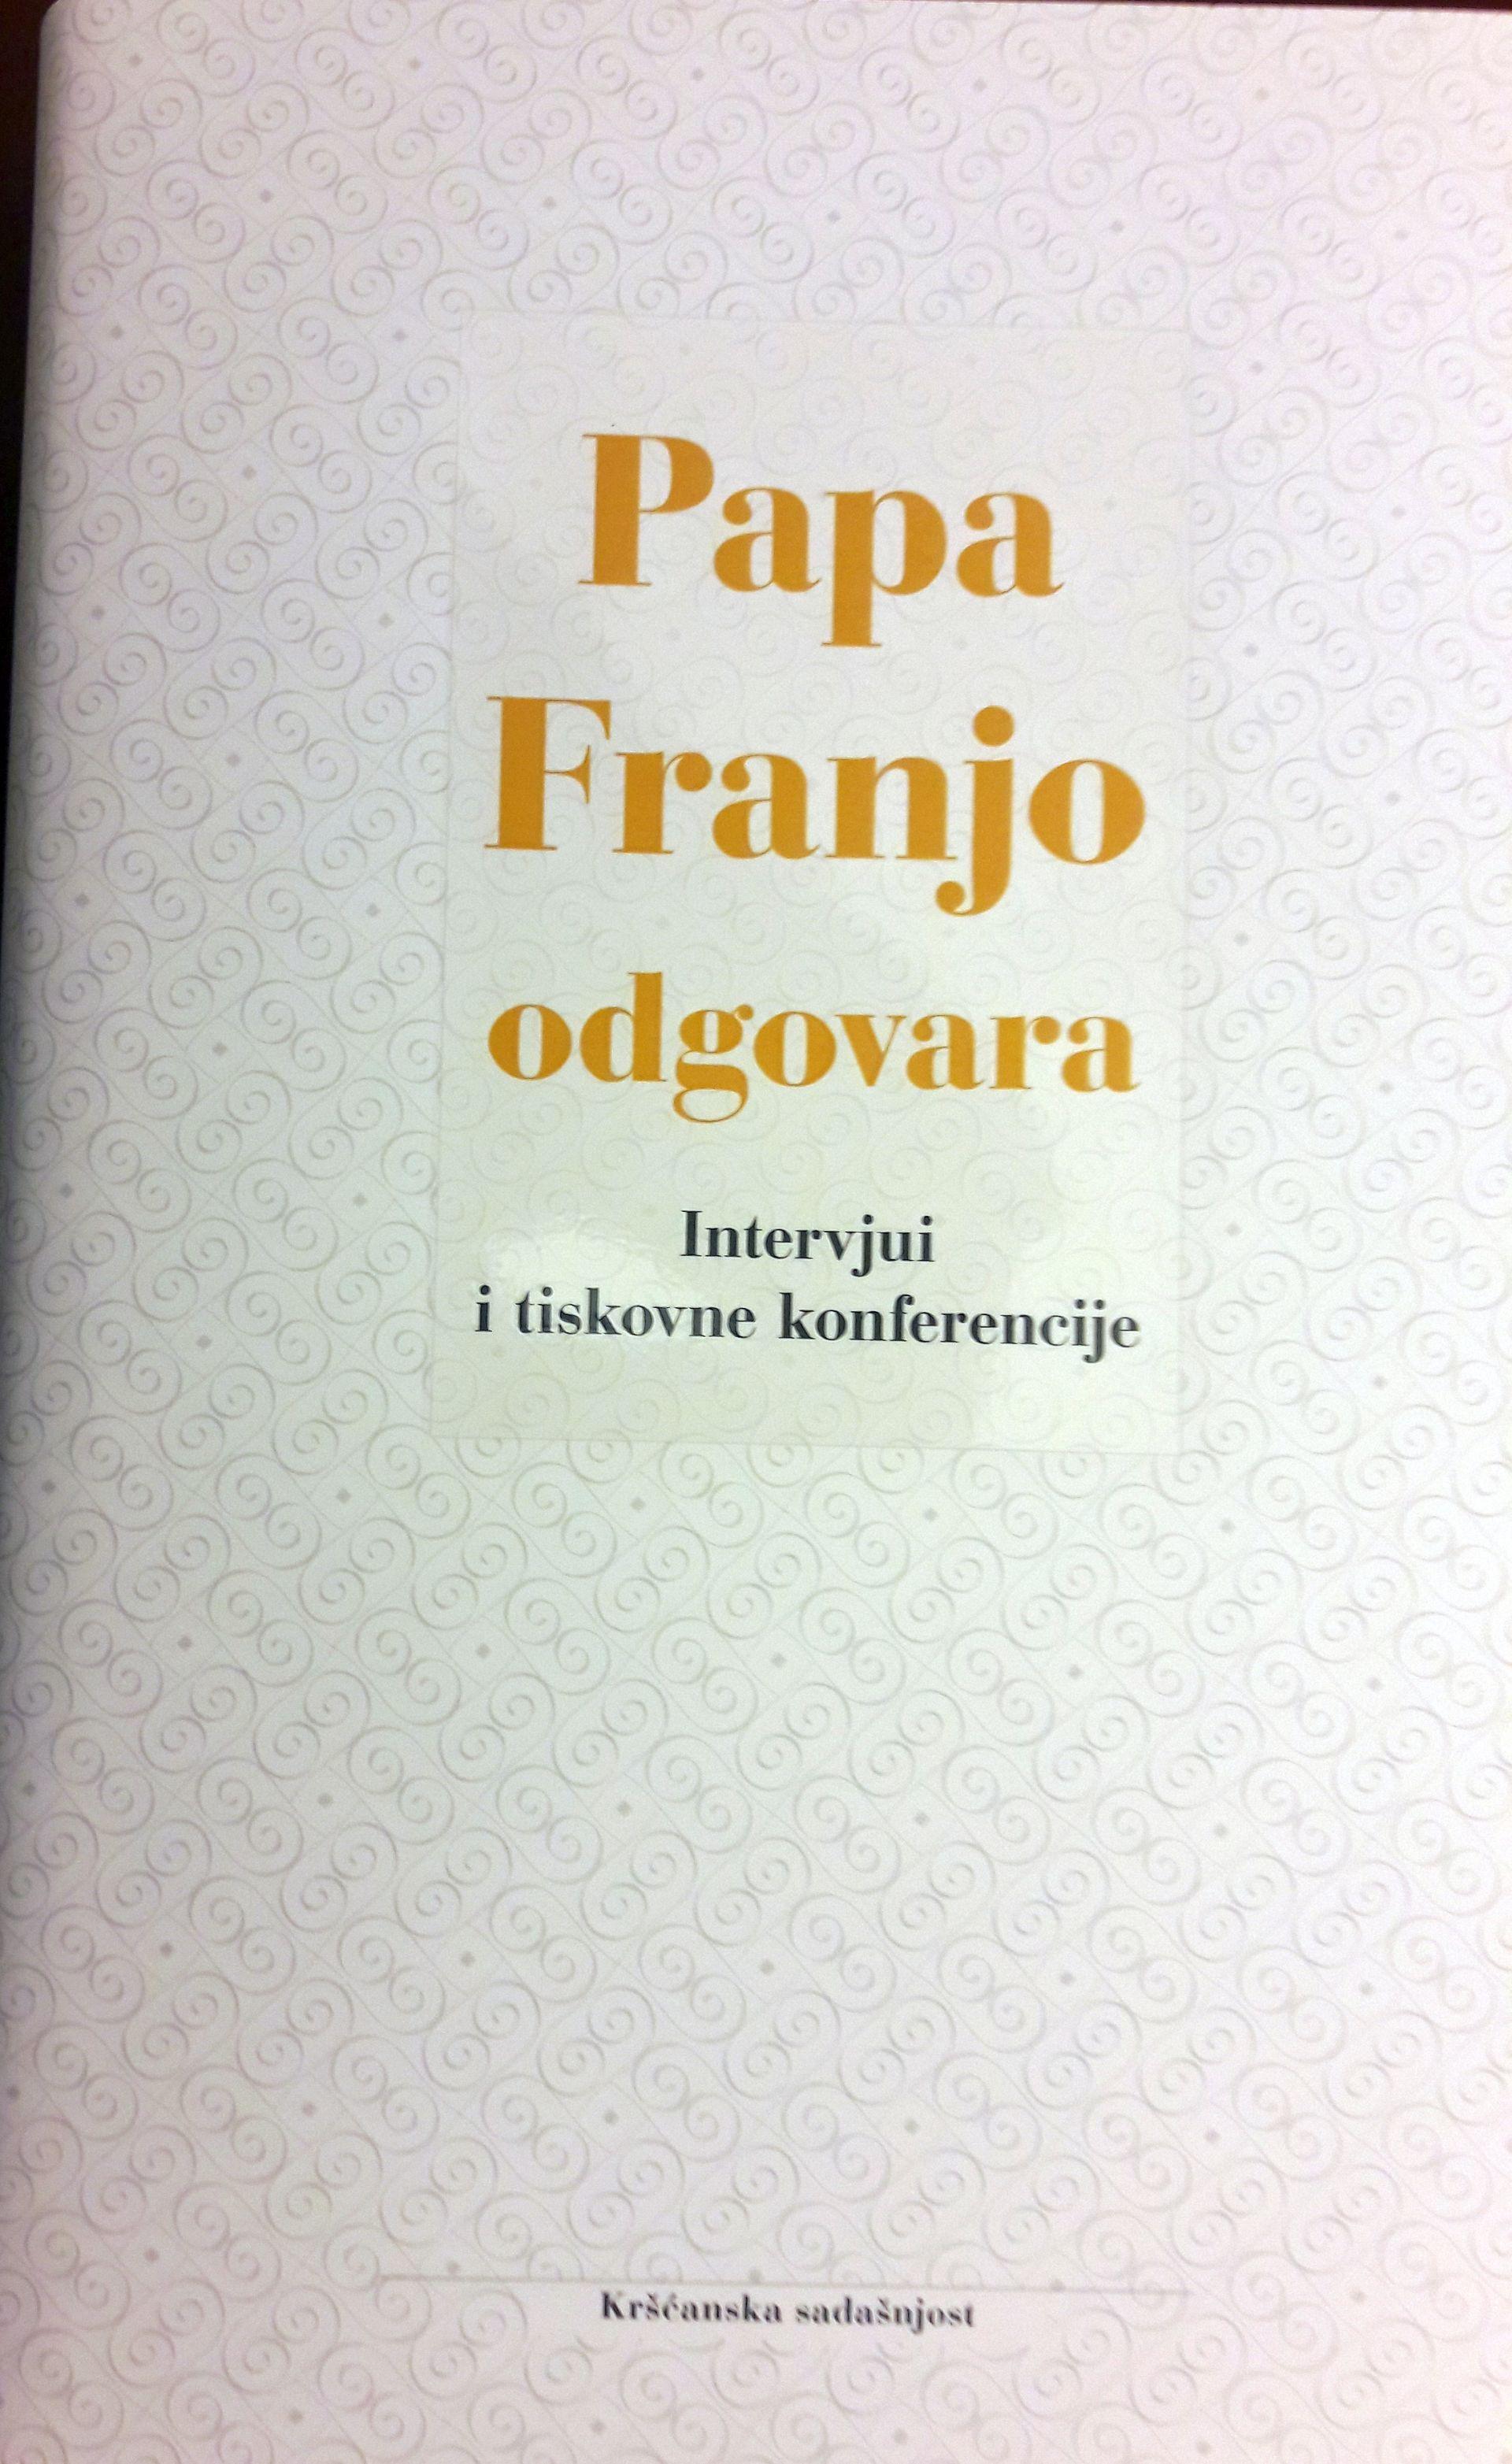 Predstavljena knjiga 'Papa Franjo odgovara'